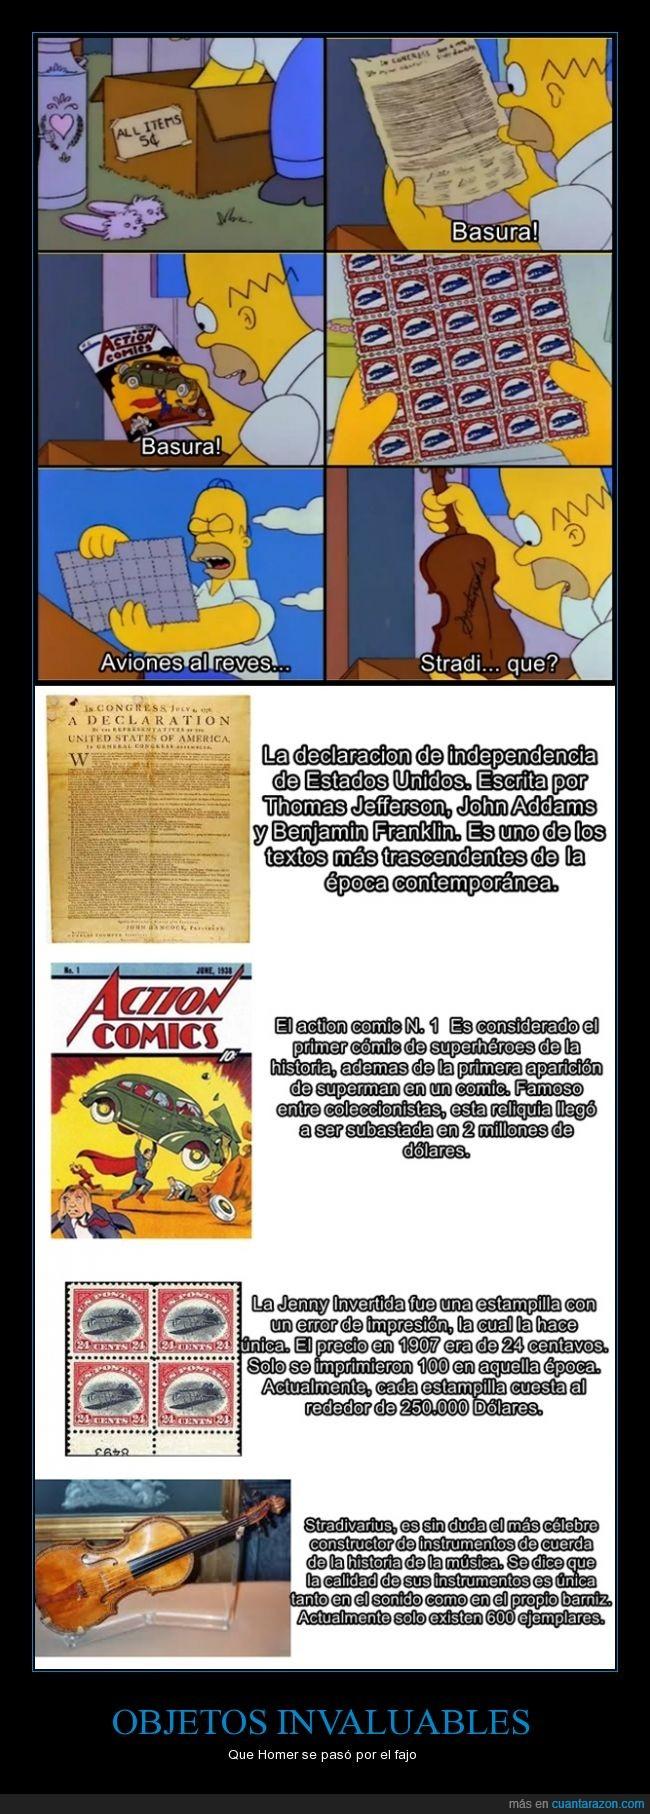 comic,declaracion de independencia,estampillas,Homer,invaluables,inverted jenny,los simpson,objetos,stradivarius,superman,valor,violines